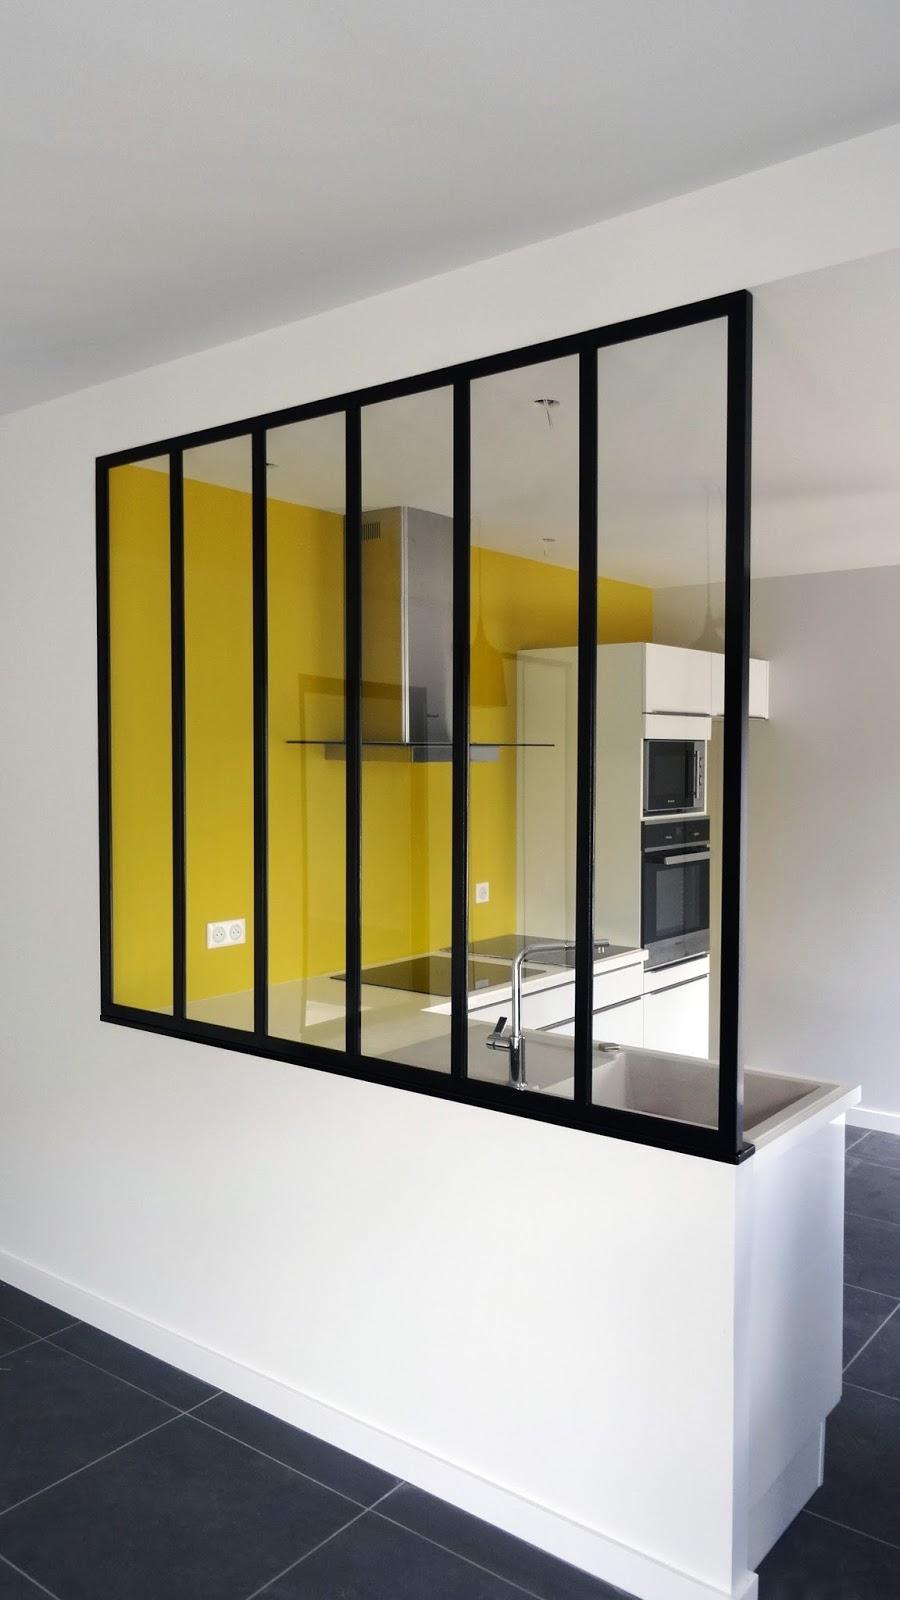 ferronnerie m tallerie serrurerie 79 deux s vres l 39 art du fer play verri re d 39 int rieur style. Black Bedroom Furniture Sets. Home Design Ideas